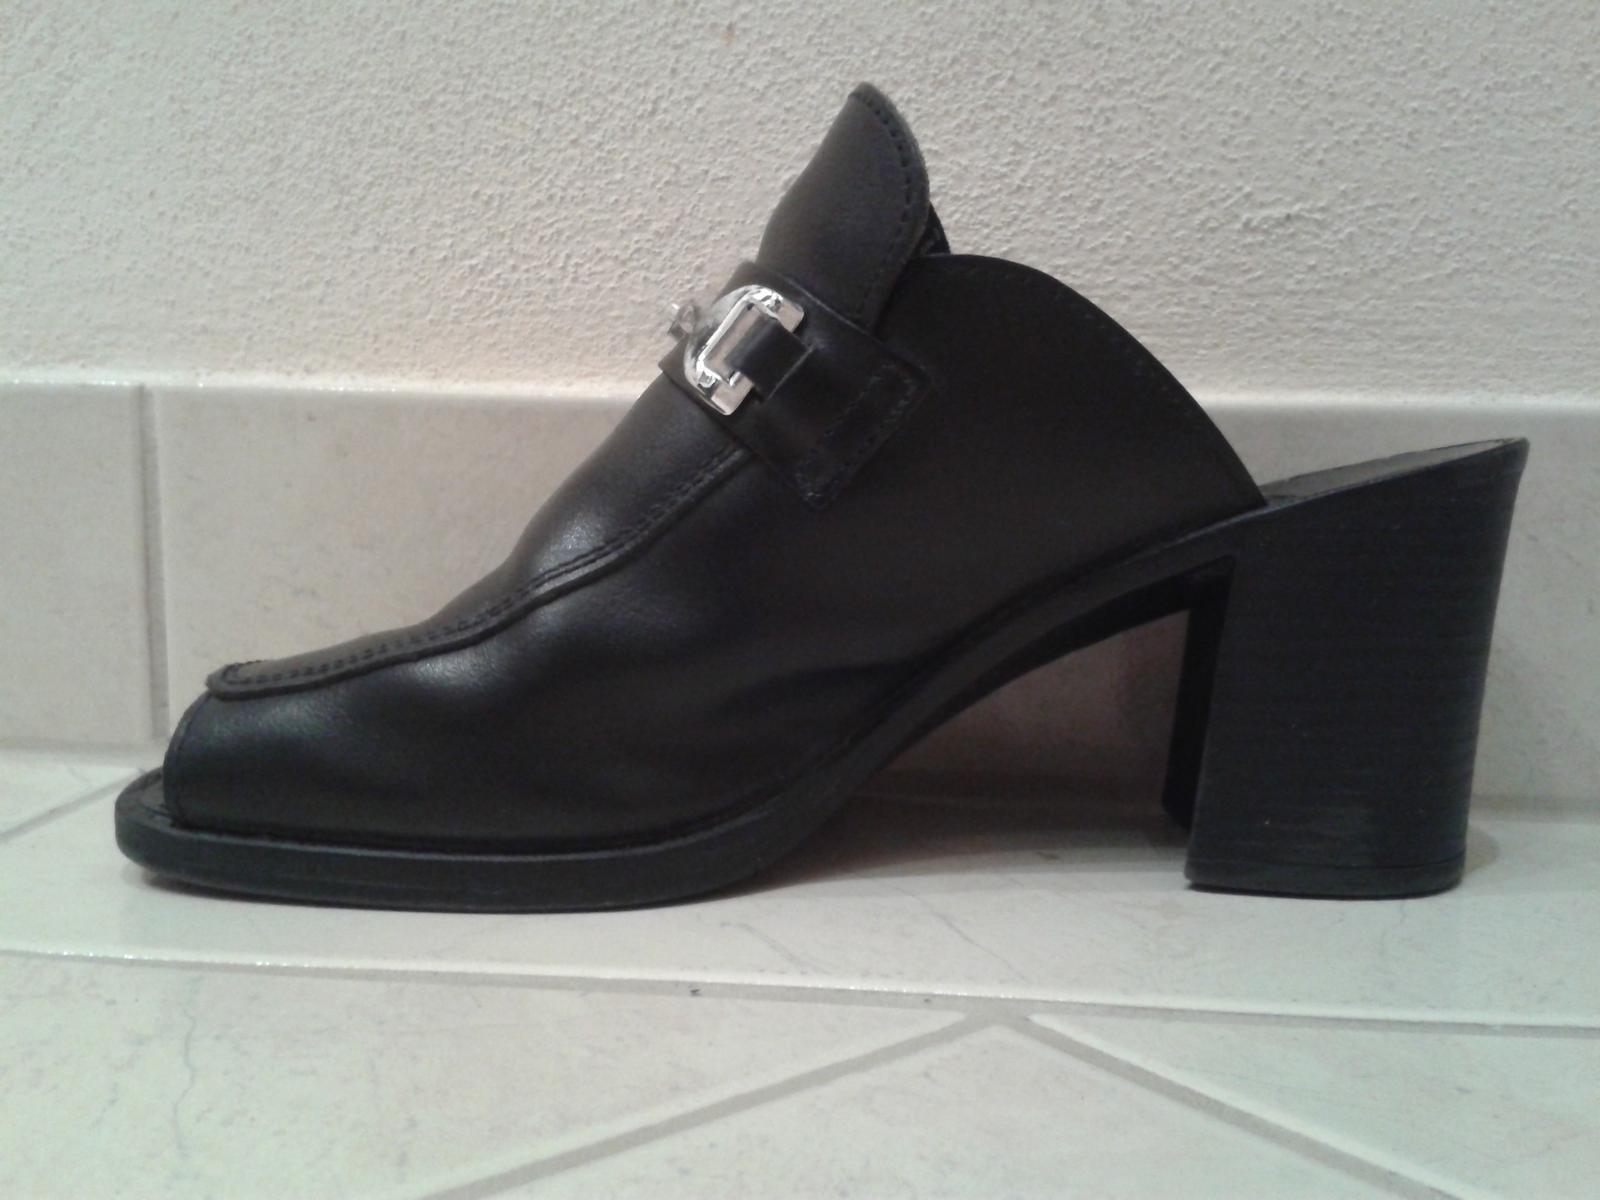 Čierne topánky s otvorenou špičkou/pätou - Obrázok č. 3